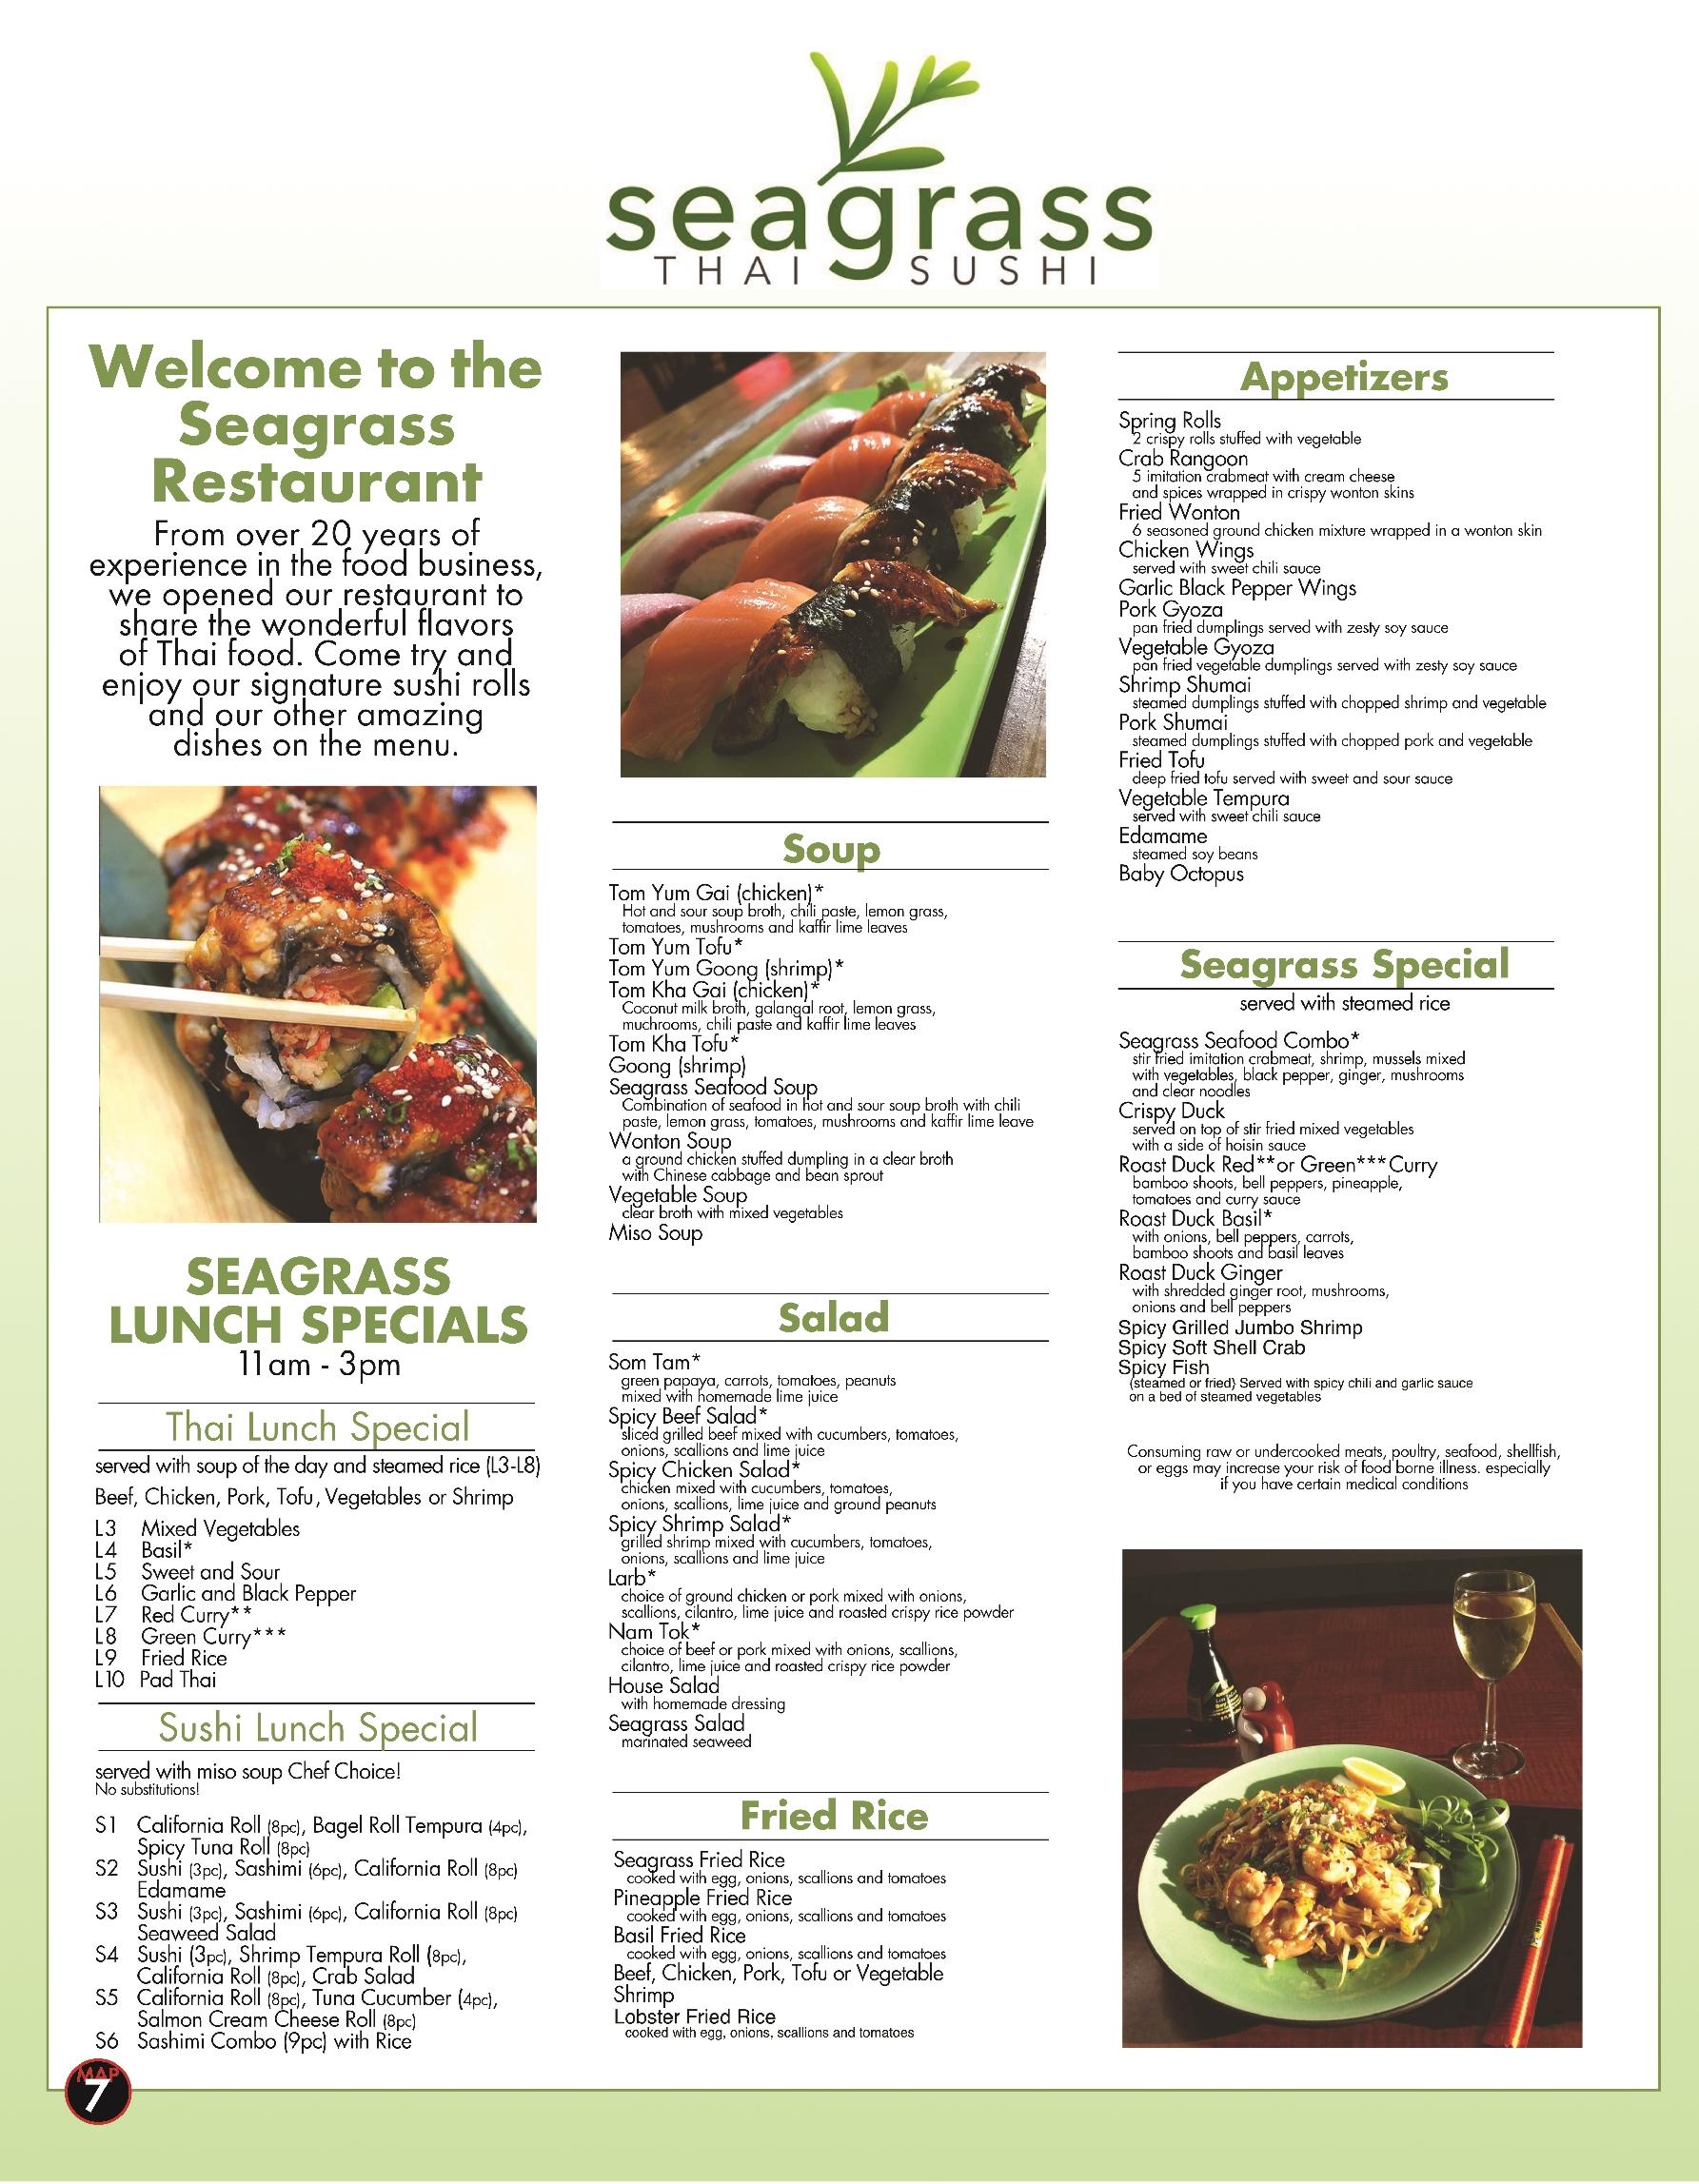 Seagrass Thai Sushi Restaurant Key West Best Key West Restaurant Menus Key West Florida